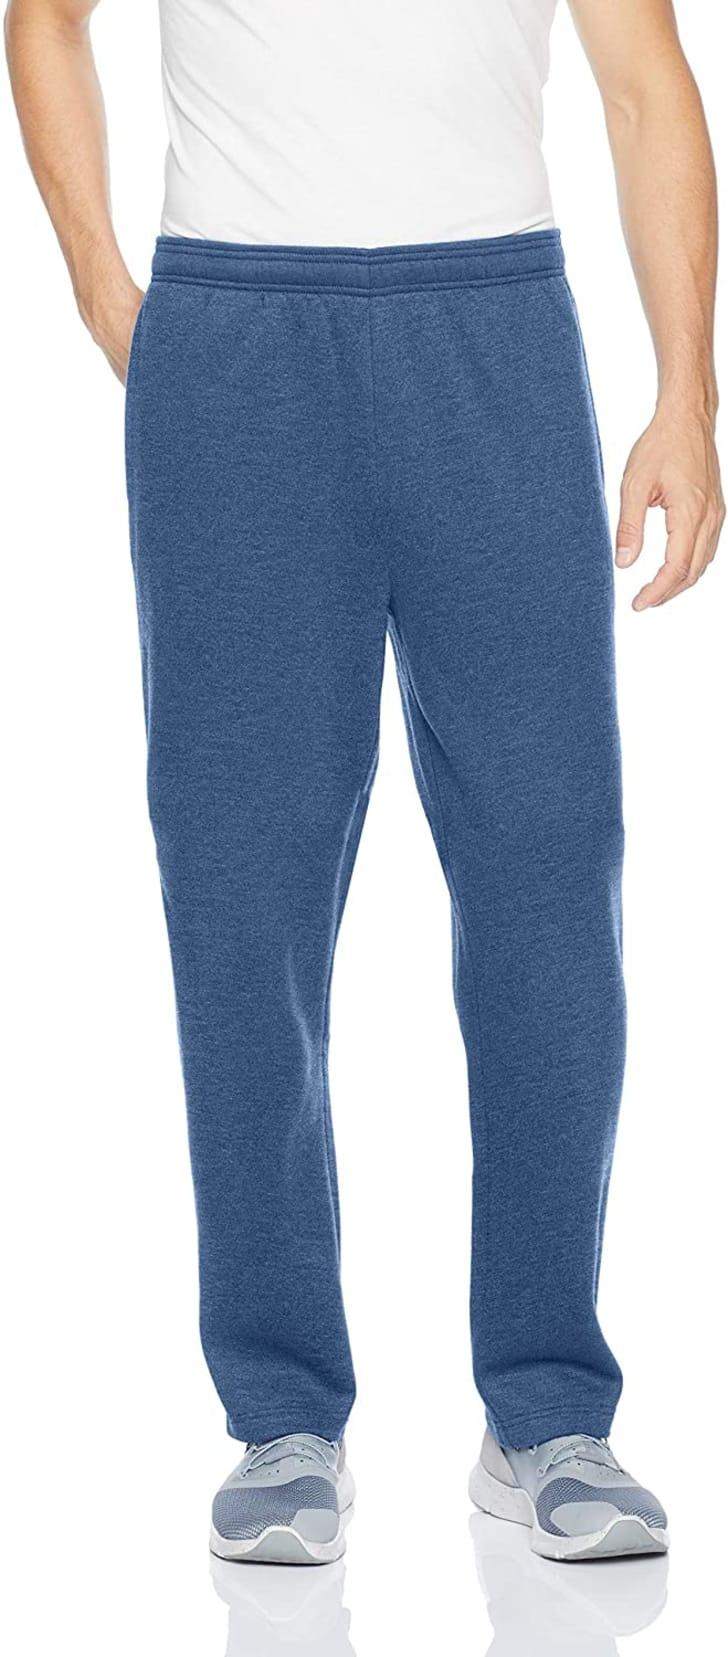 Men's sweatpants from Amazon.